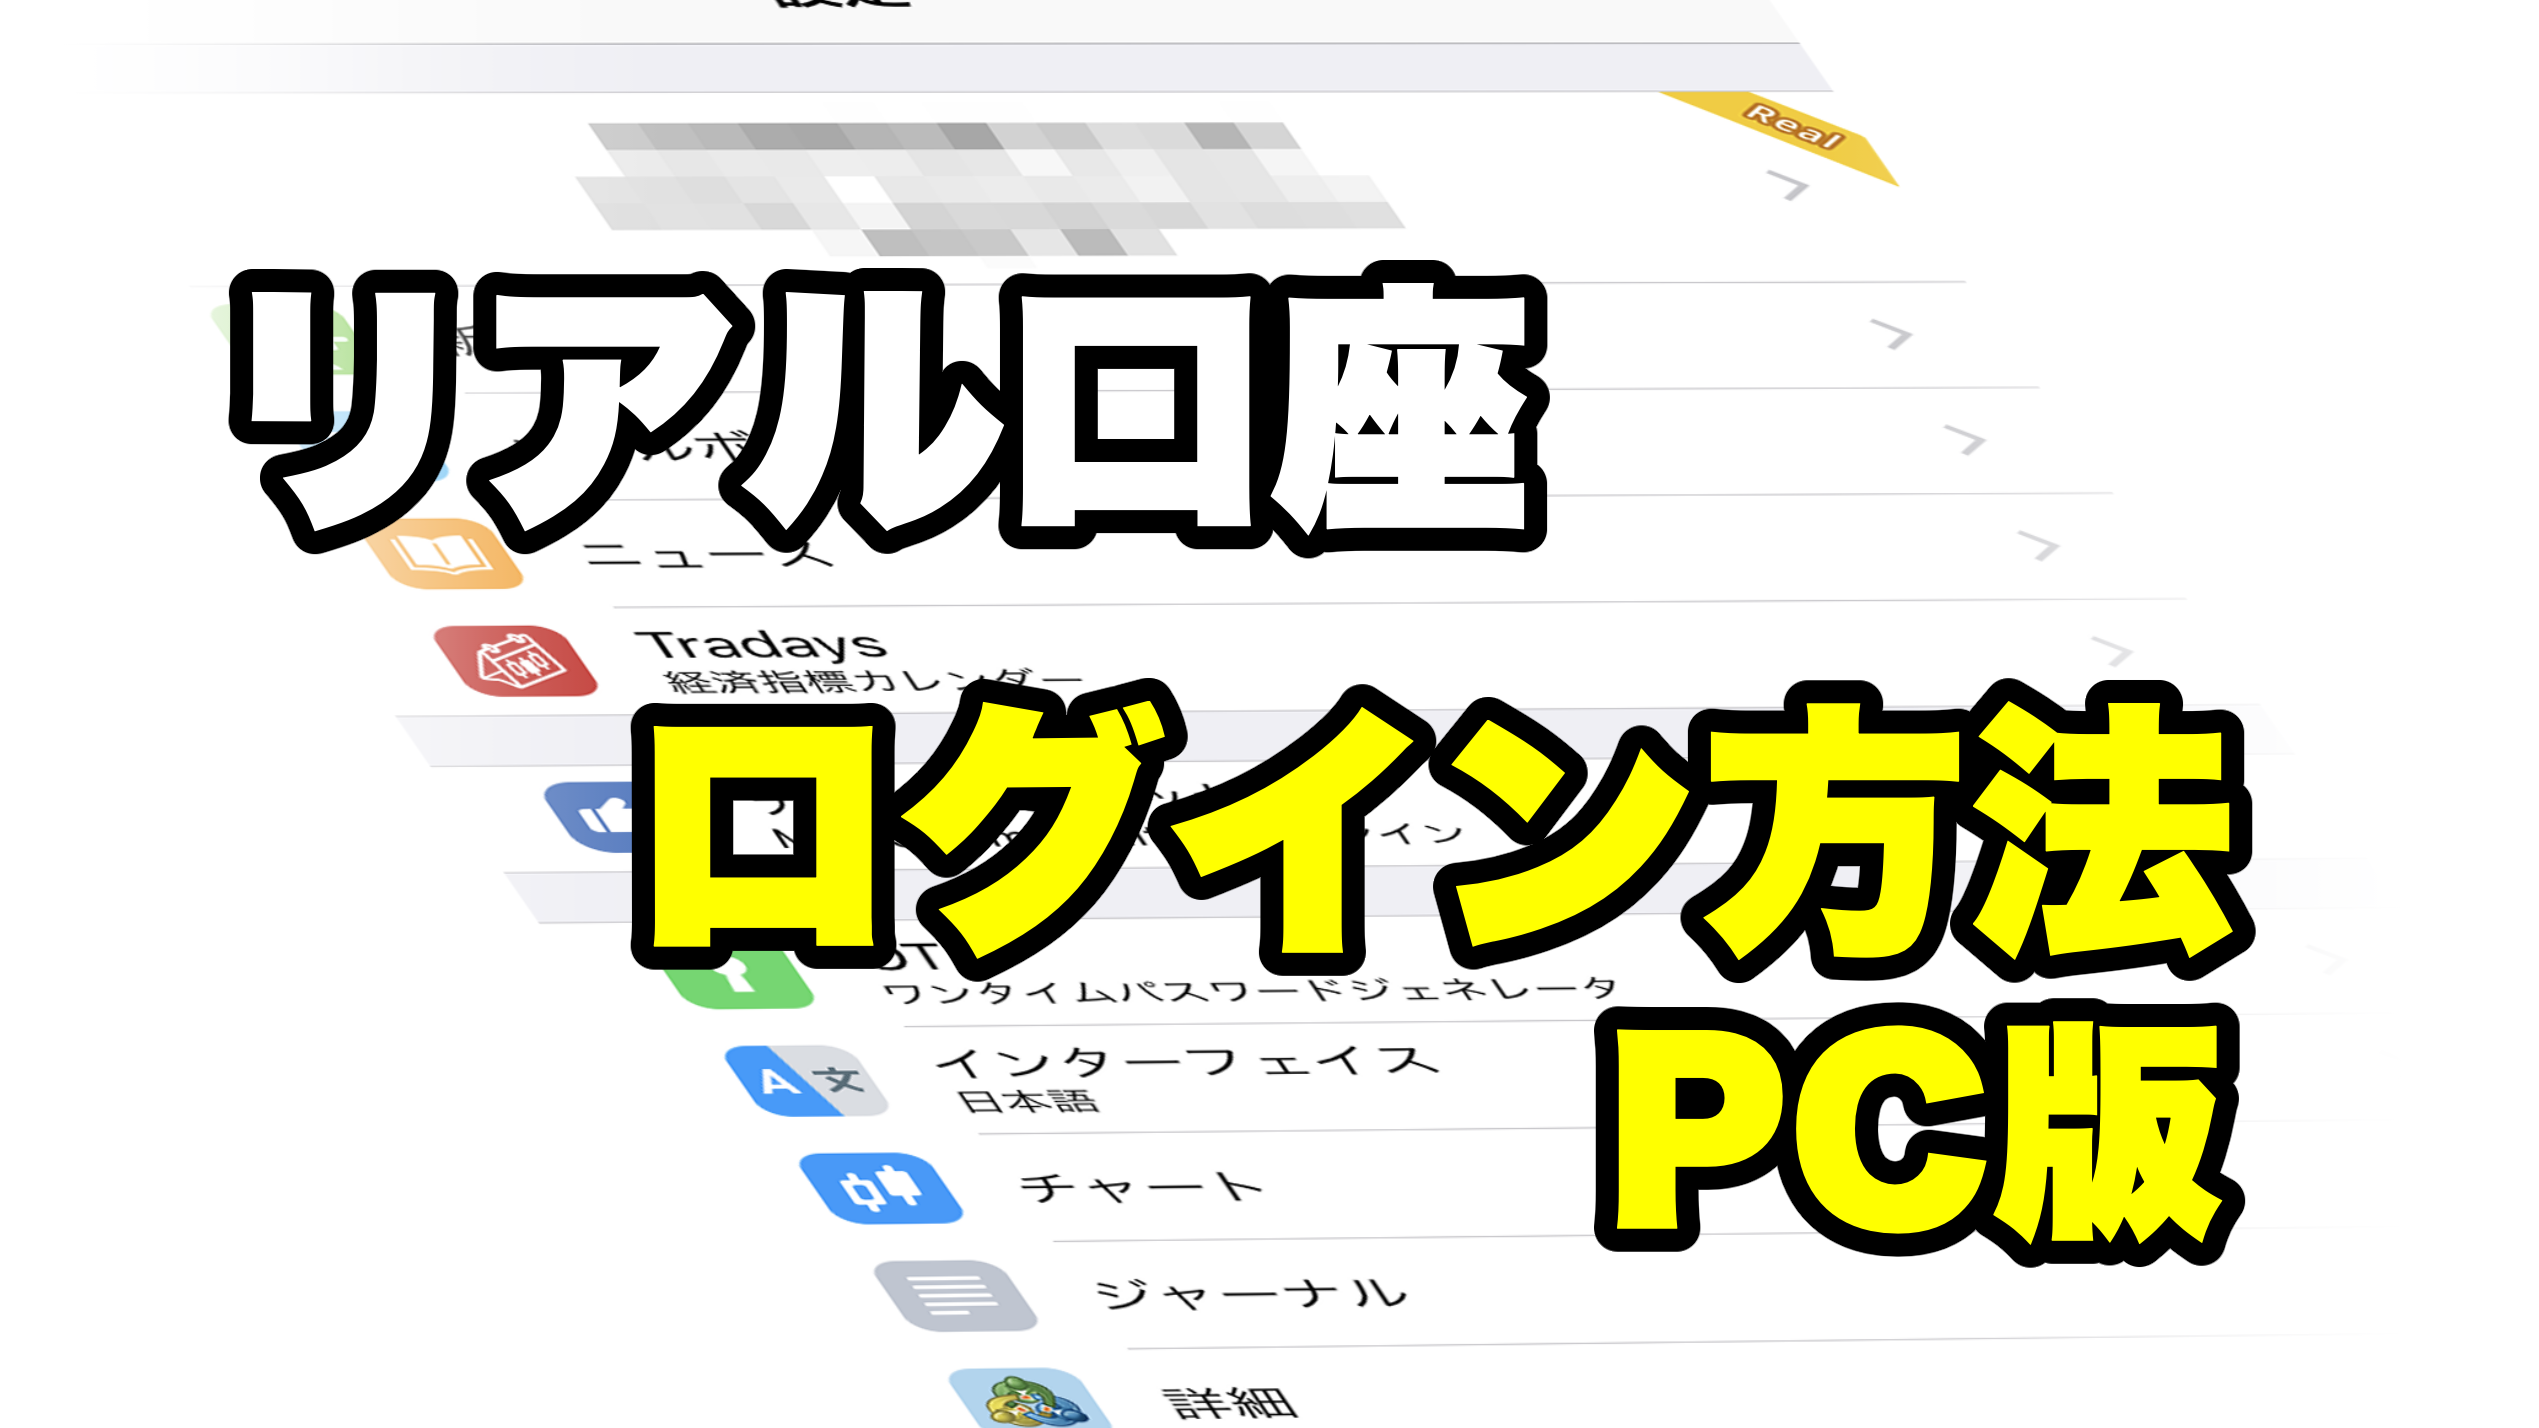 【オリスキャ】【オーリーアイランド3】のXMリアル口座簡単ログイン方法(PC版)